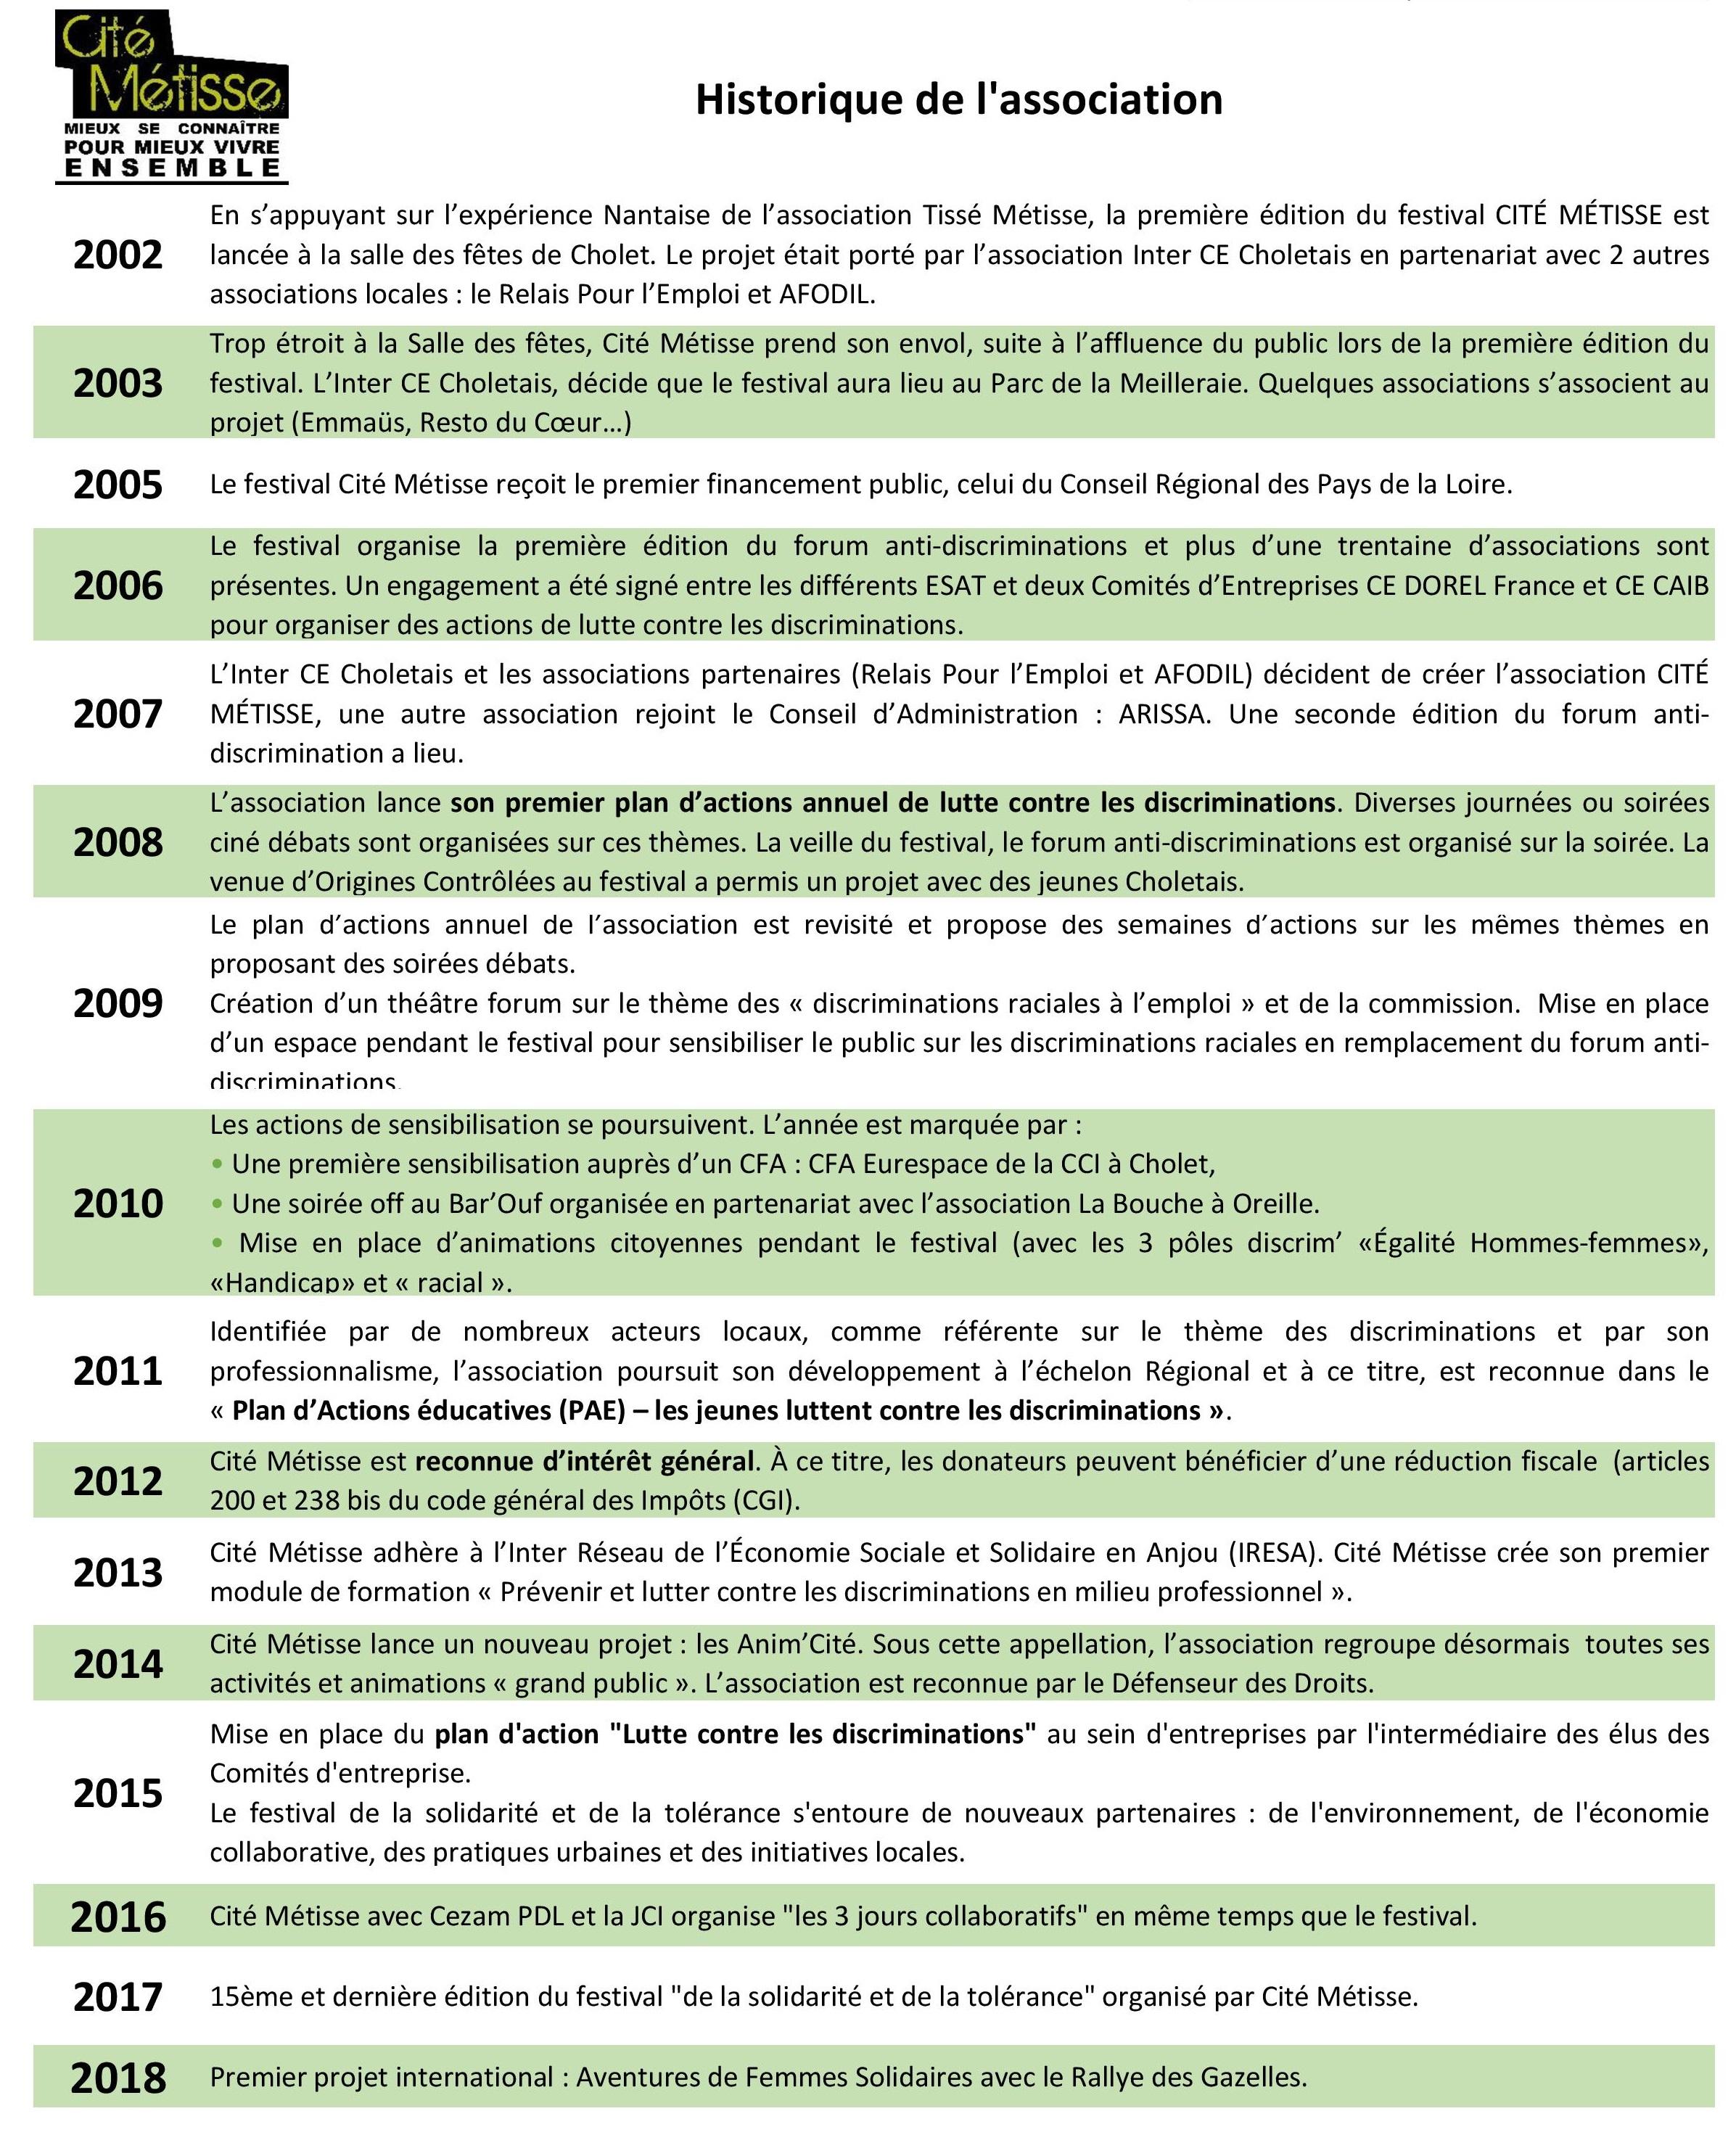 Historique de l'association